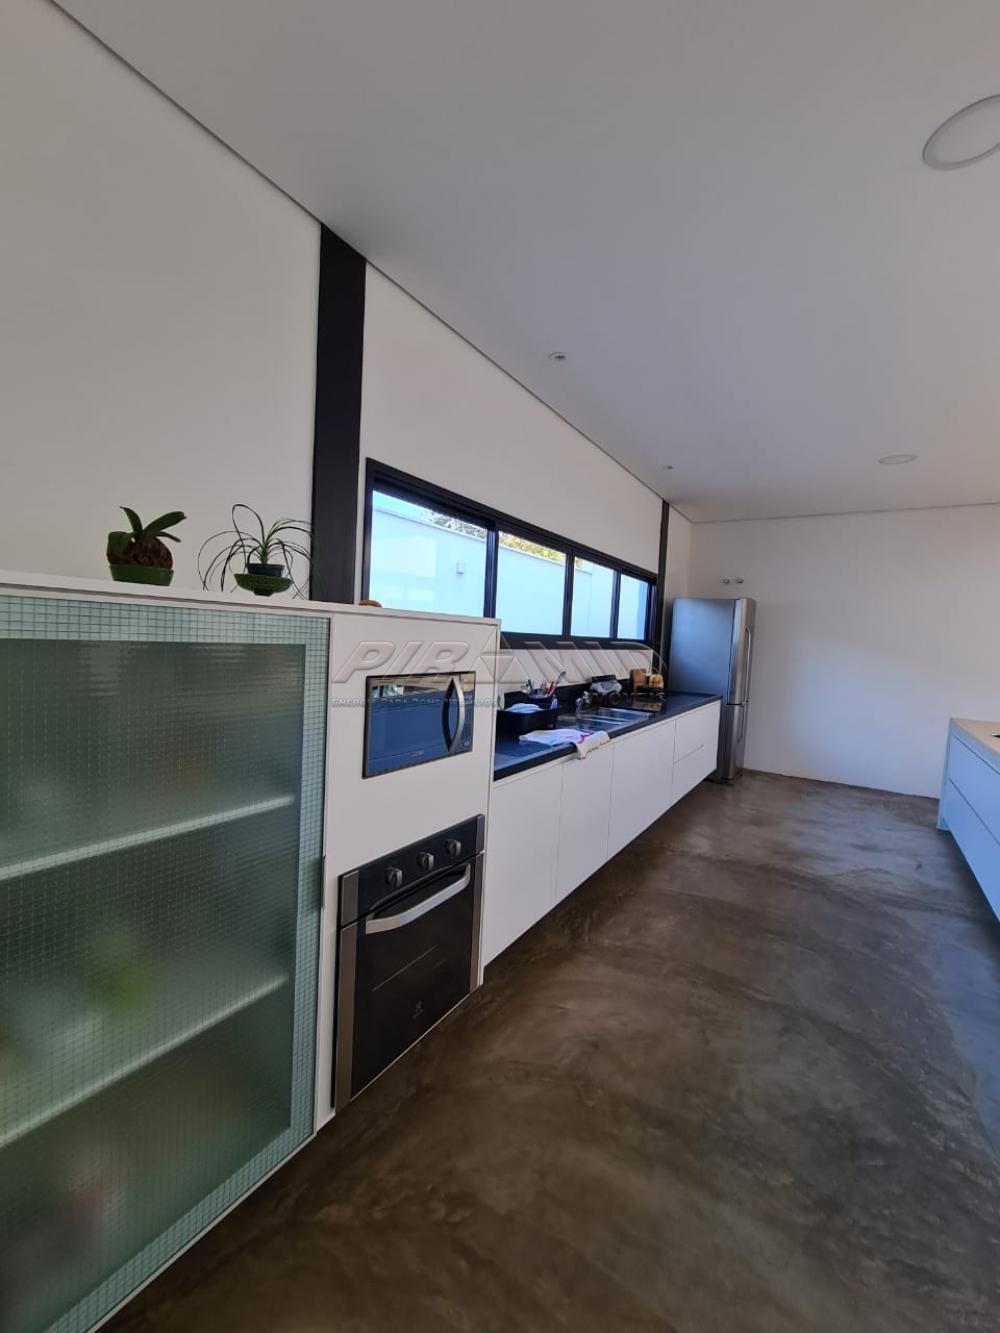 Comprar Casa / Condomínio em Bonfim Paulista R$ 2.500.000,00 - Foto 18